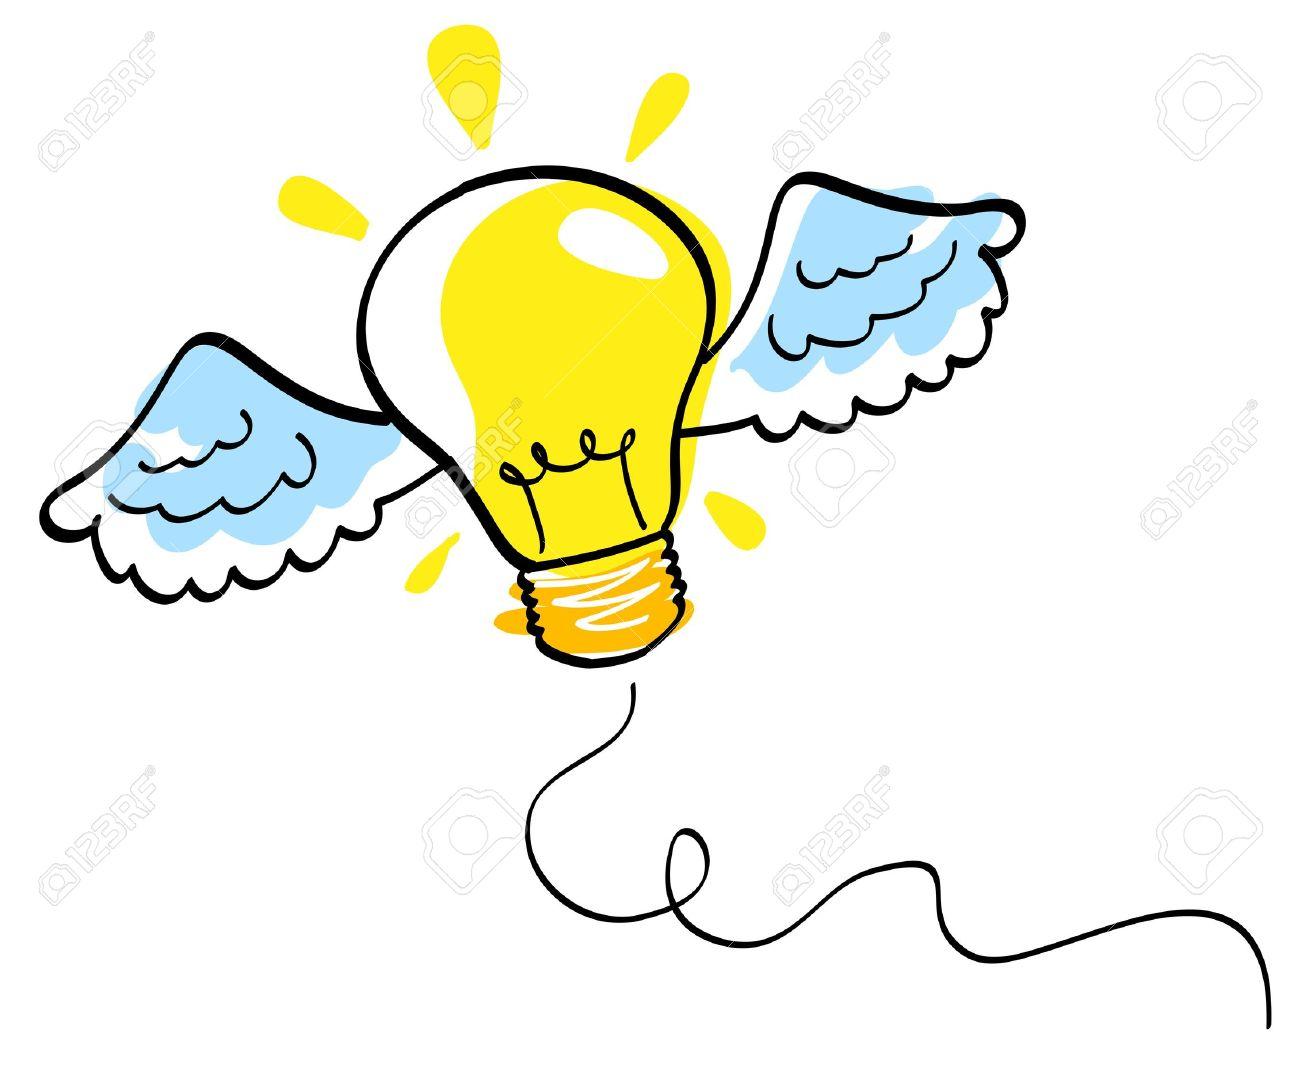 """Résultat de recherche d'images pour """"image d'ampoule idée"""""""